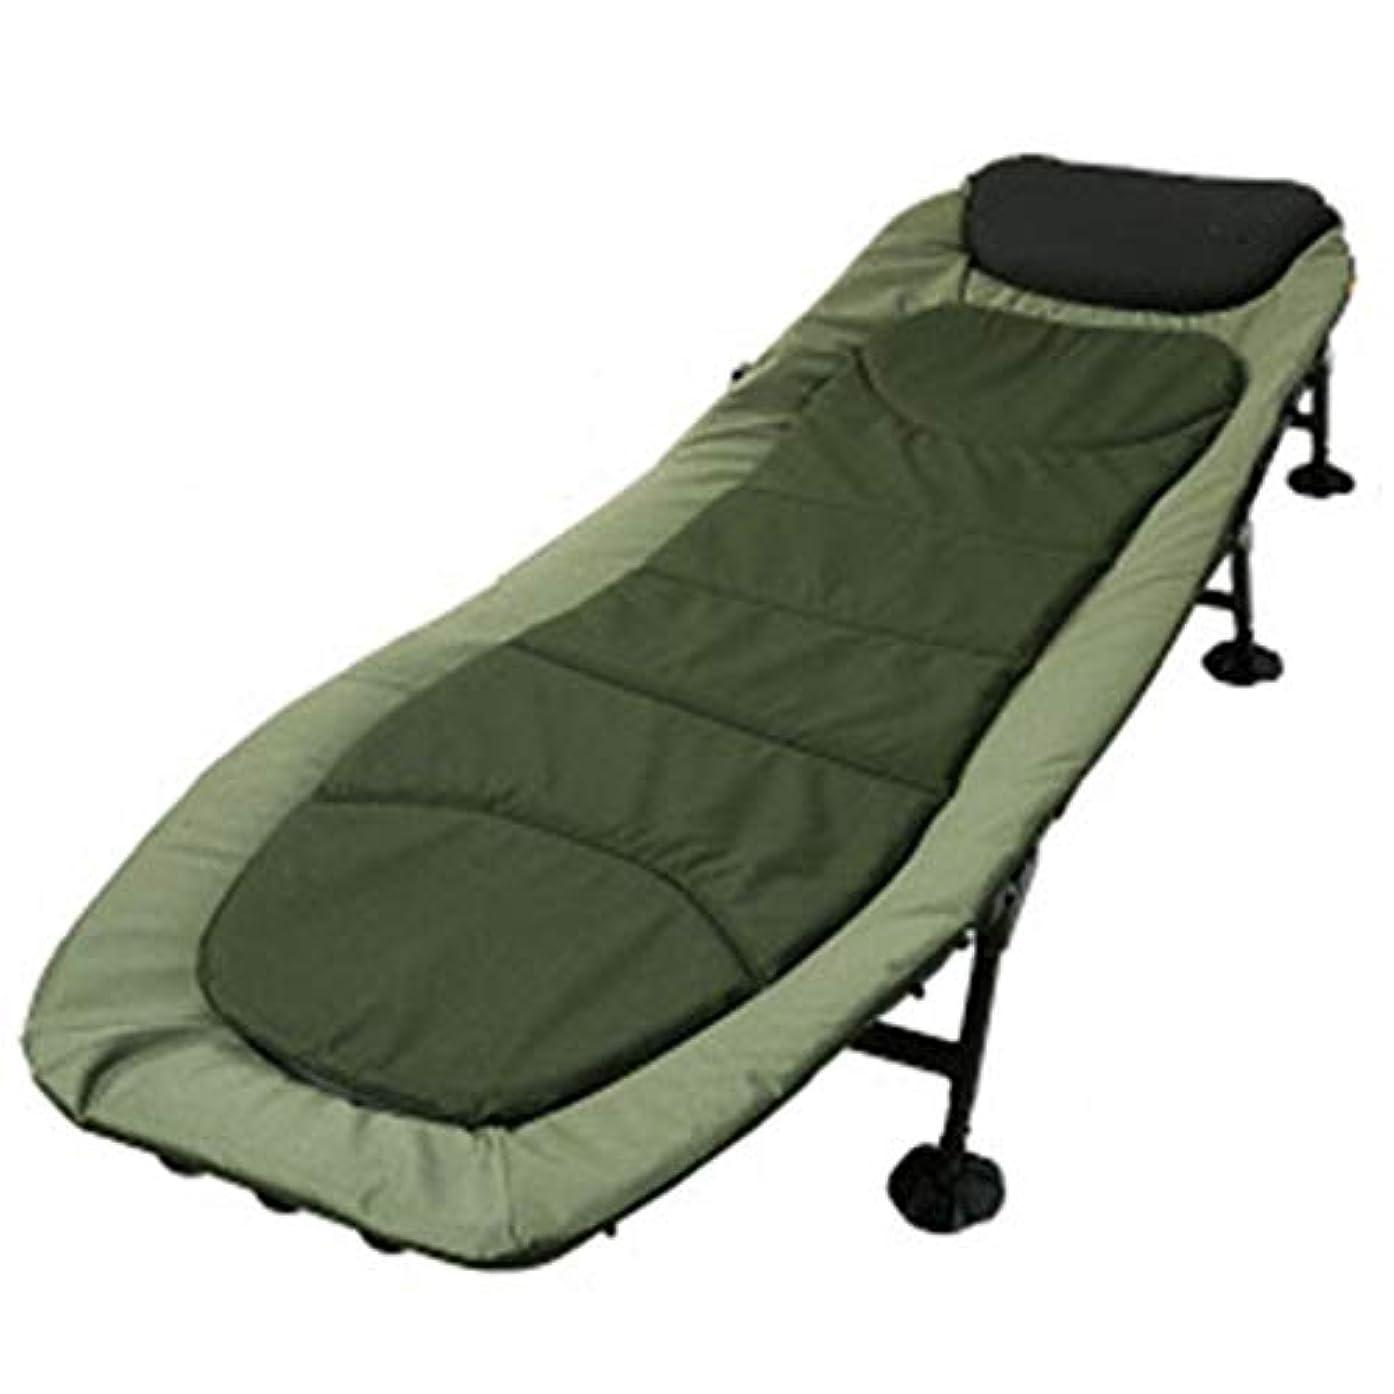 正気アリスマウントバンクZAQXSW ポータブルオフィスランチ休憩シート人昼寝折りたたみベッドライト屋外キャンプベッド